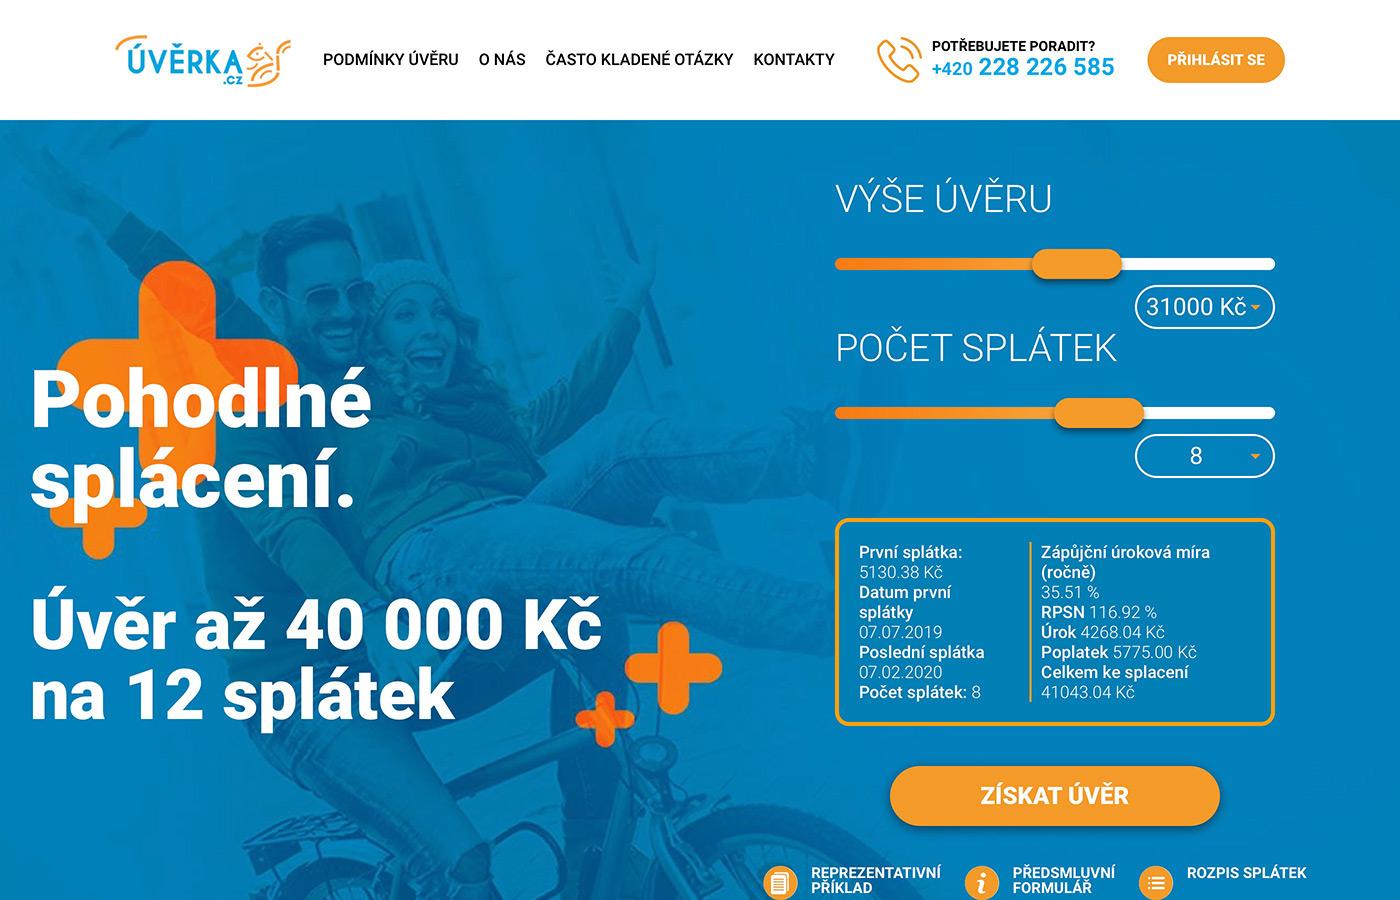 Webové stránky https://www.uverka.cz